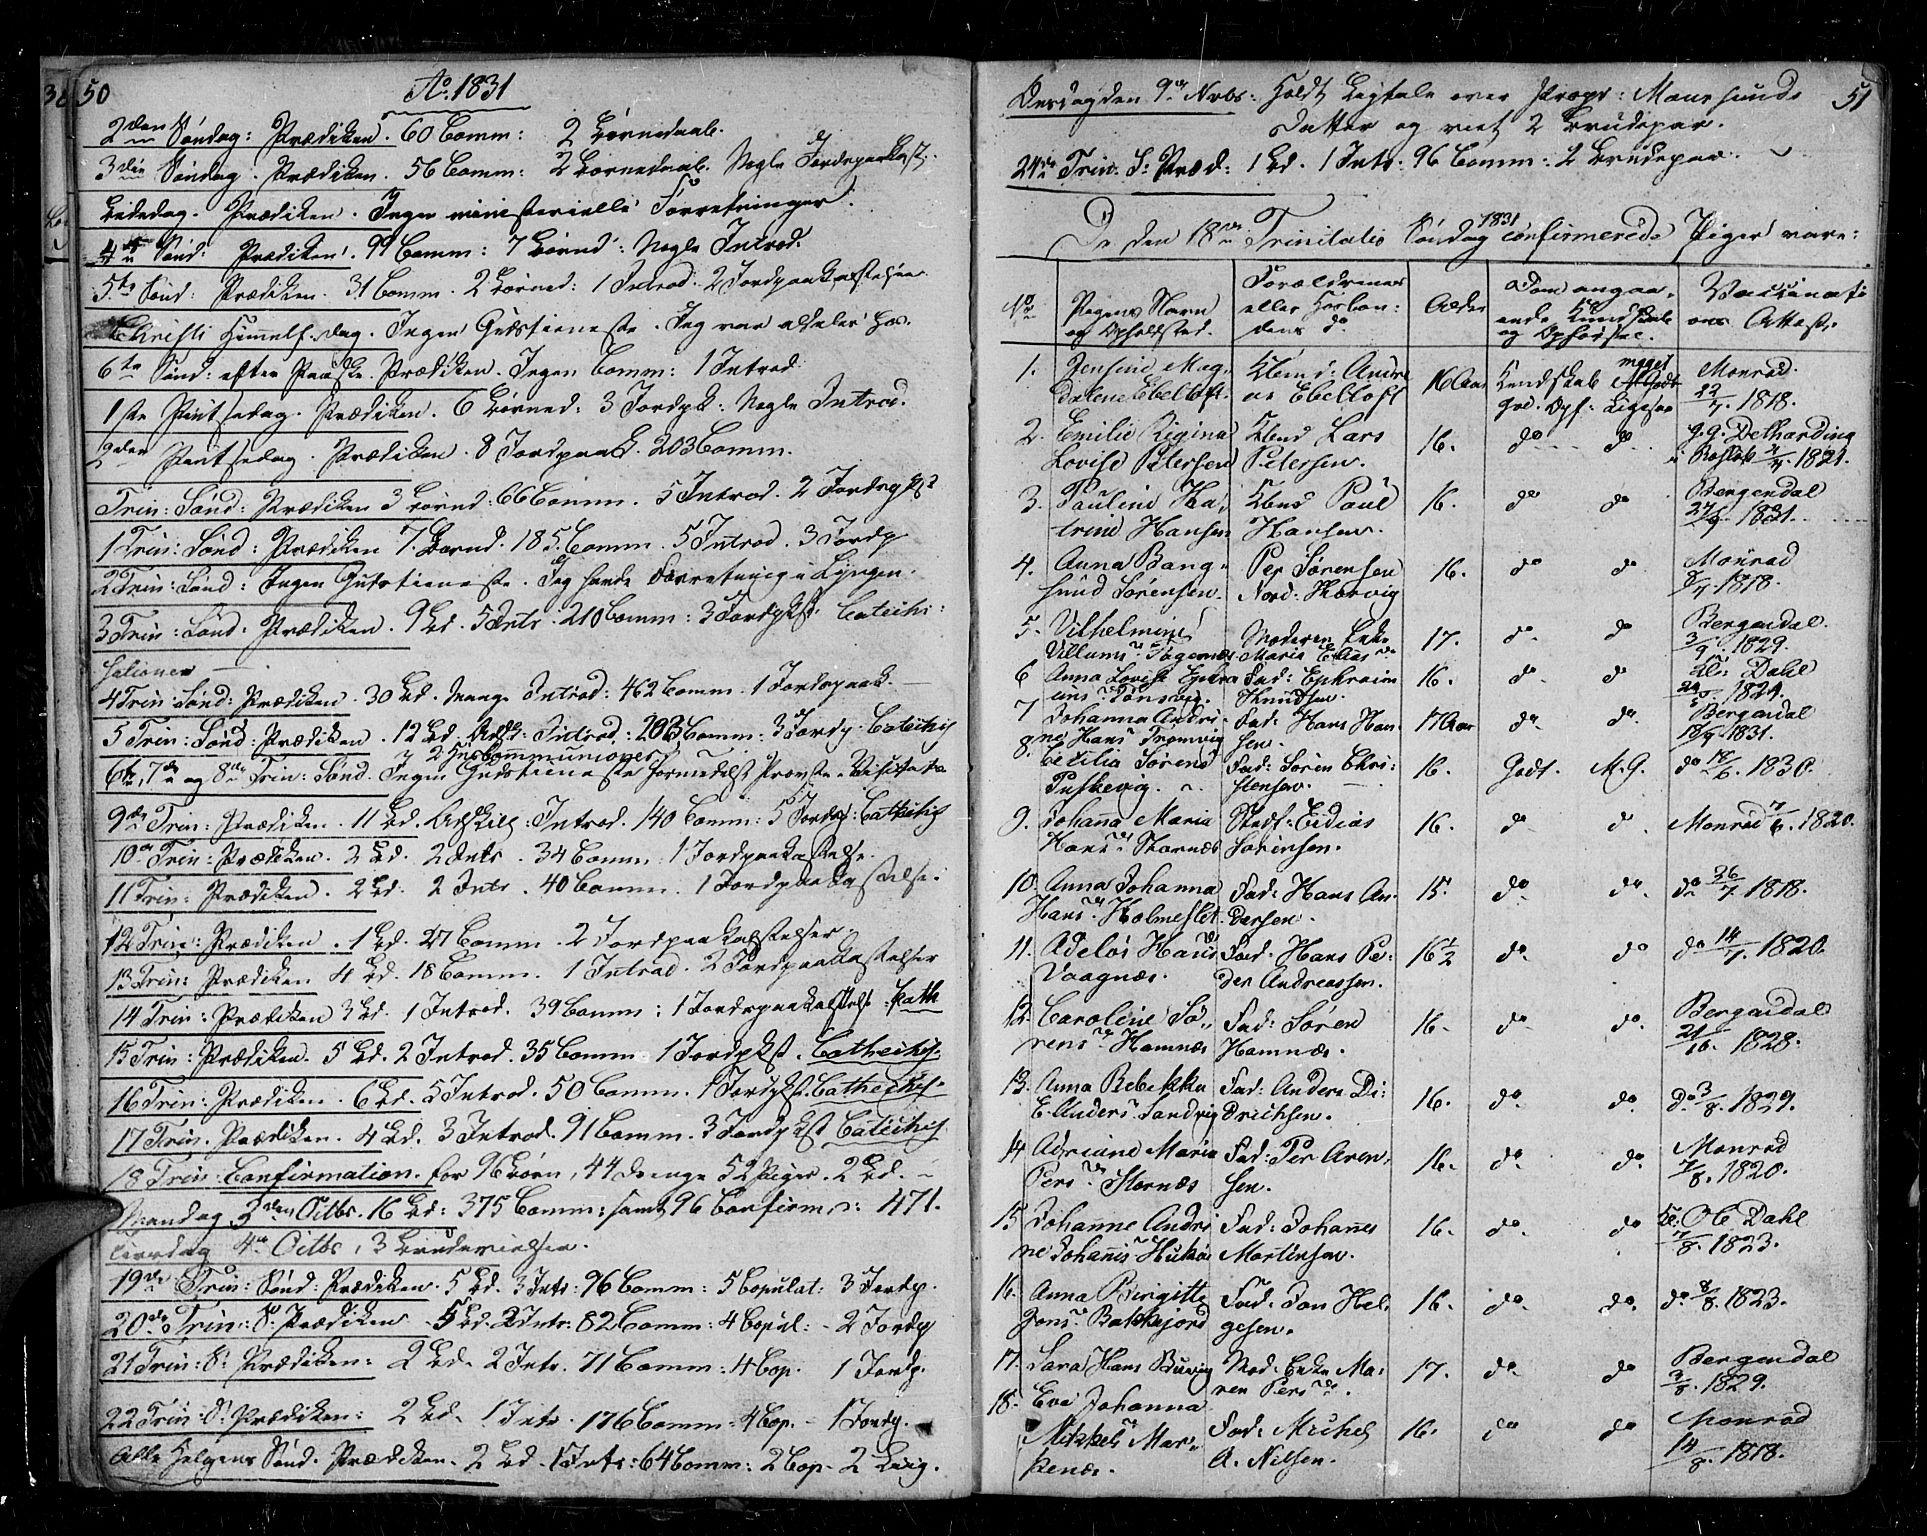 SATØ, Tromsø sokneprestkontor/stiftsprosti/domprosti, G/Ga/L0008kirke: Ministerialbok nr. 8, 1829-1837, s. 50-51